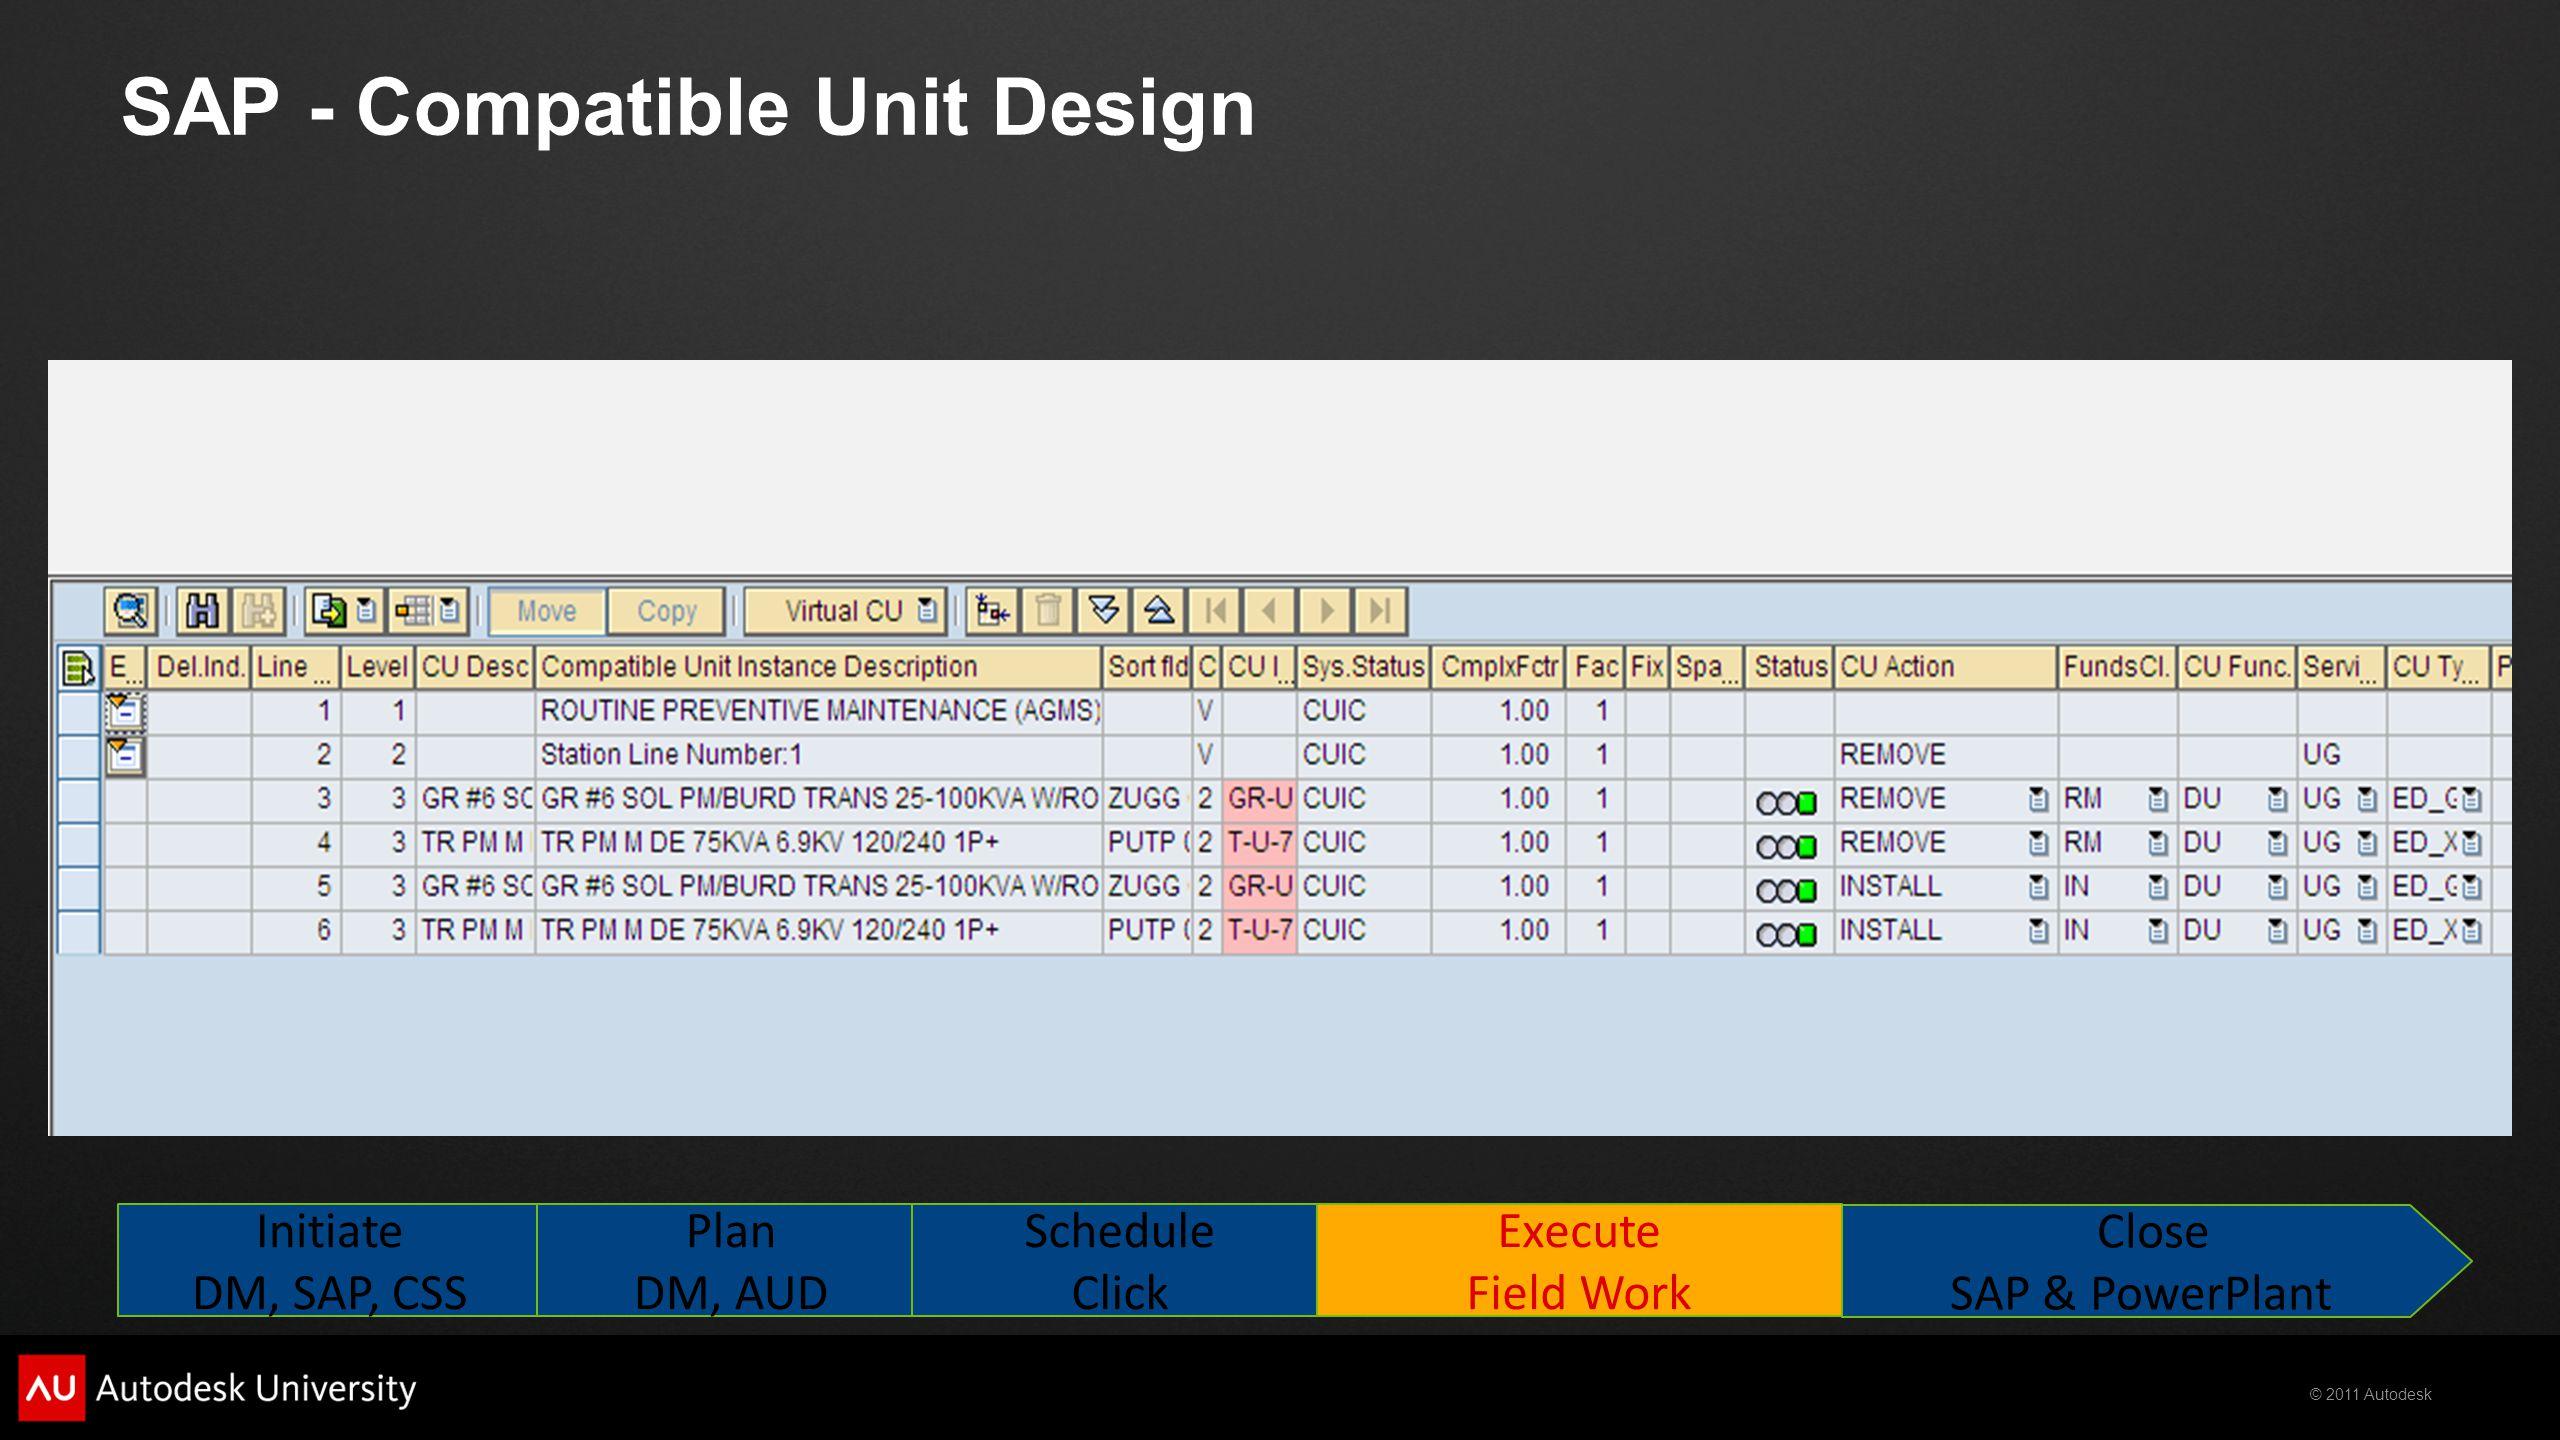 © 2011 Autodesk SAP - Compatible Unit Design Initiate DM, SAP, CSS Plan DM, AUD Schedule Click Execute Field Work Close SAP & PowerPlant